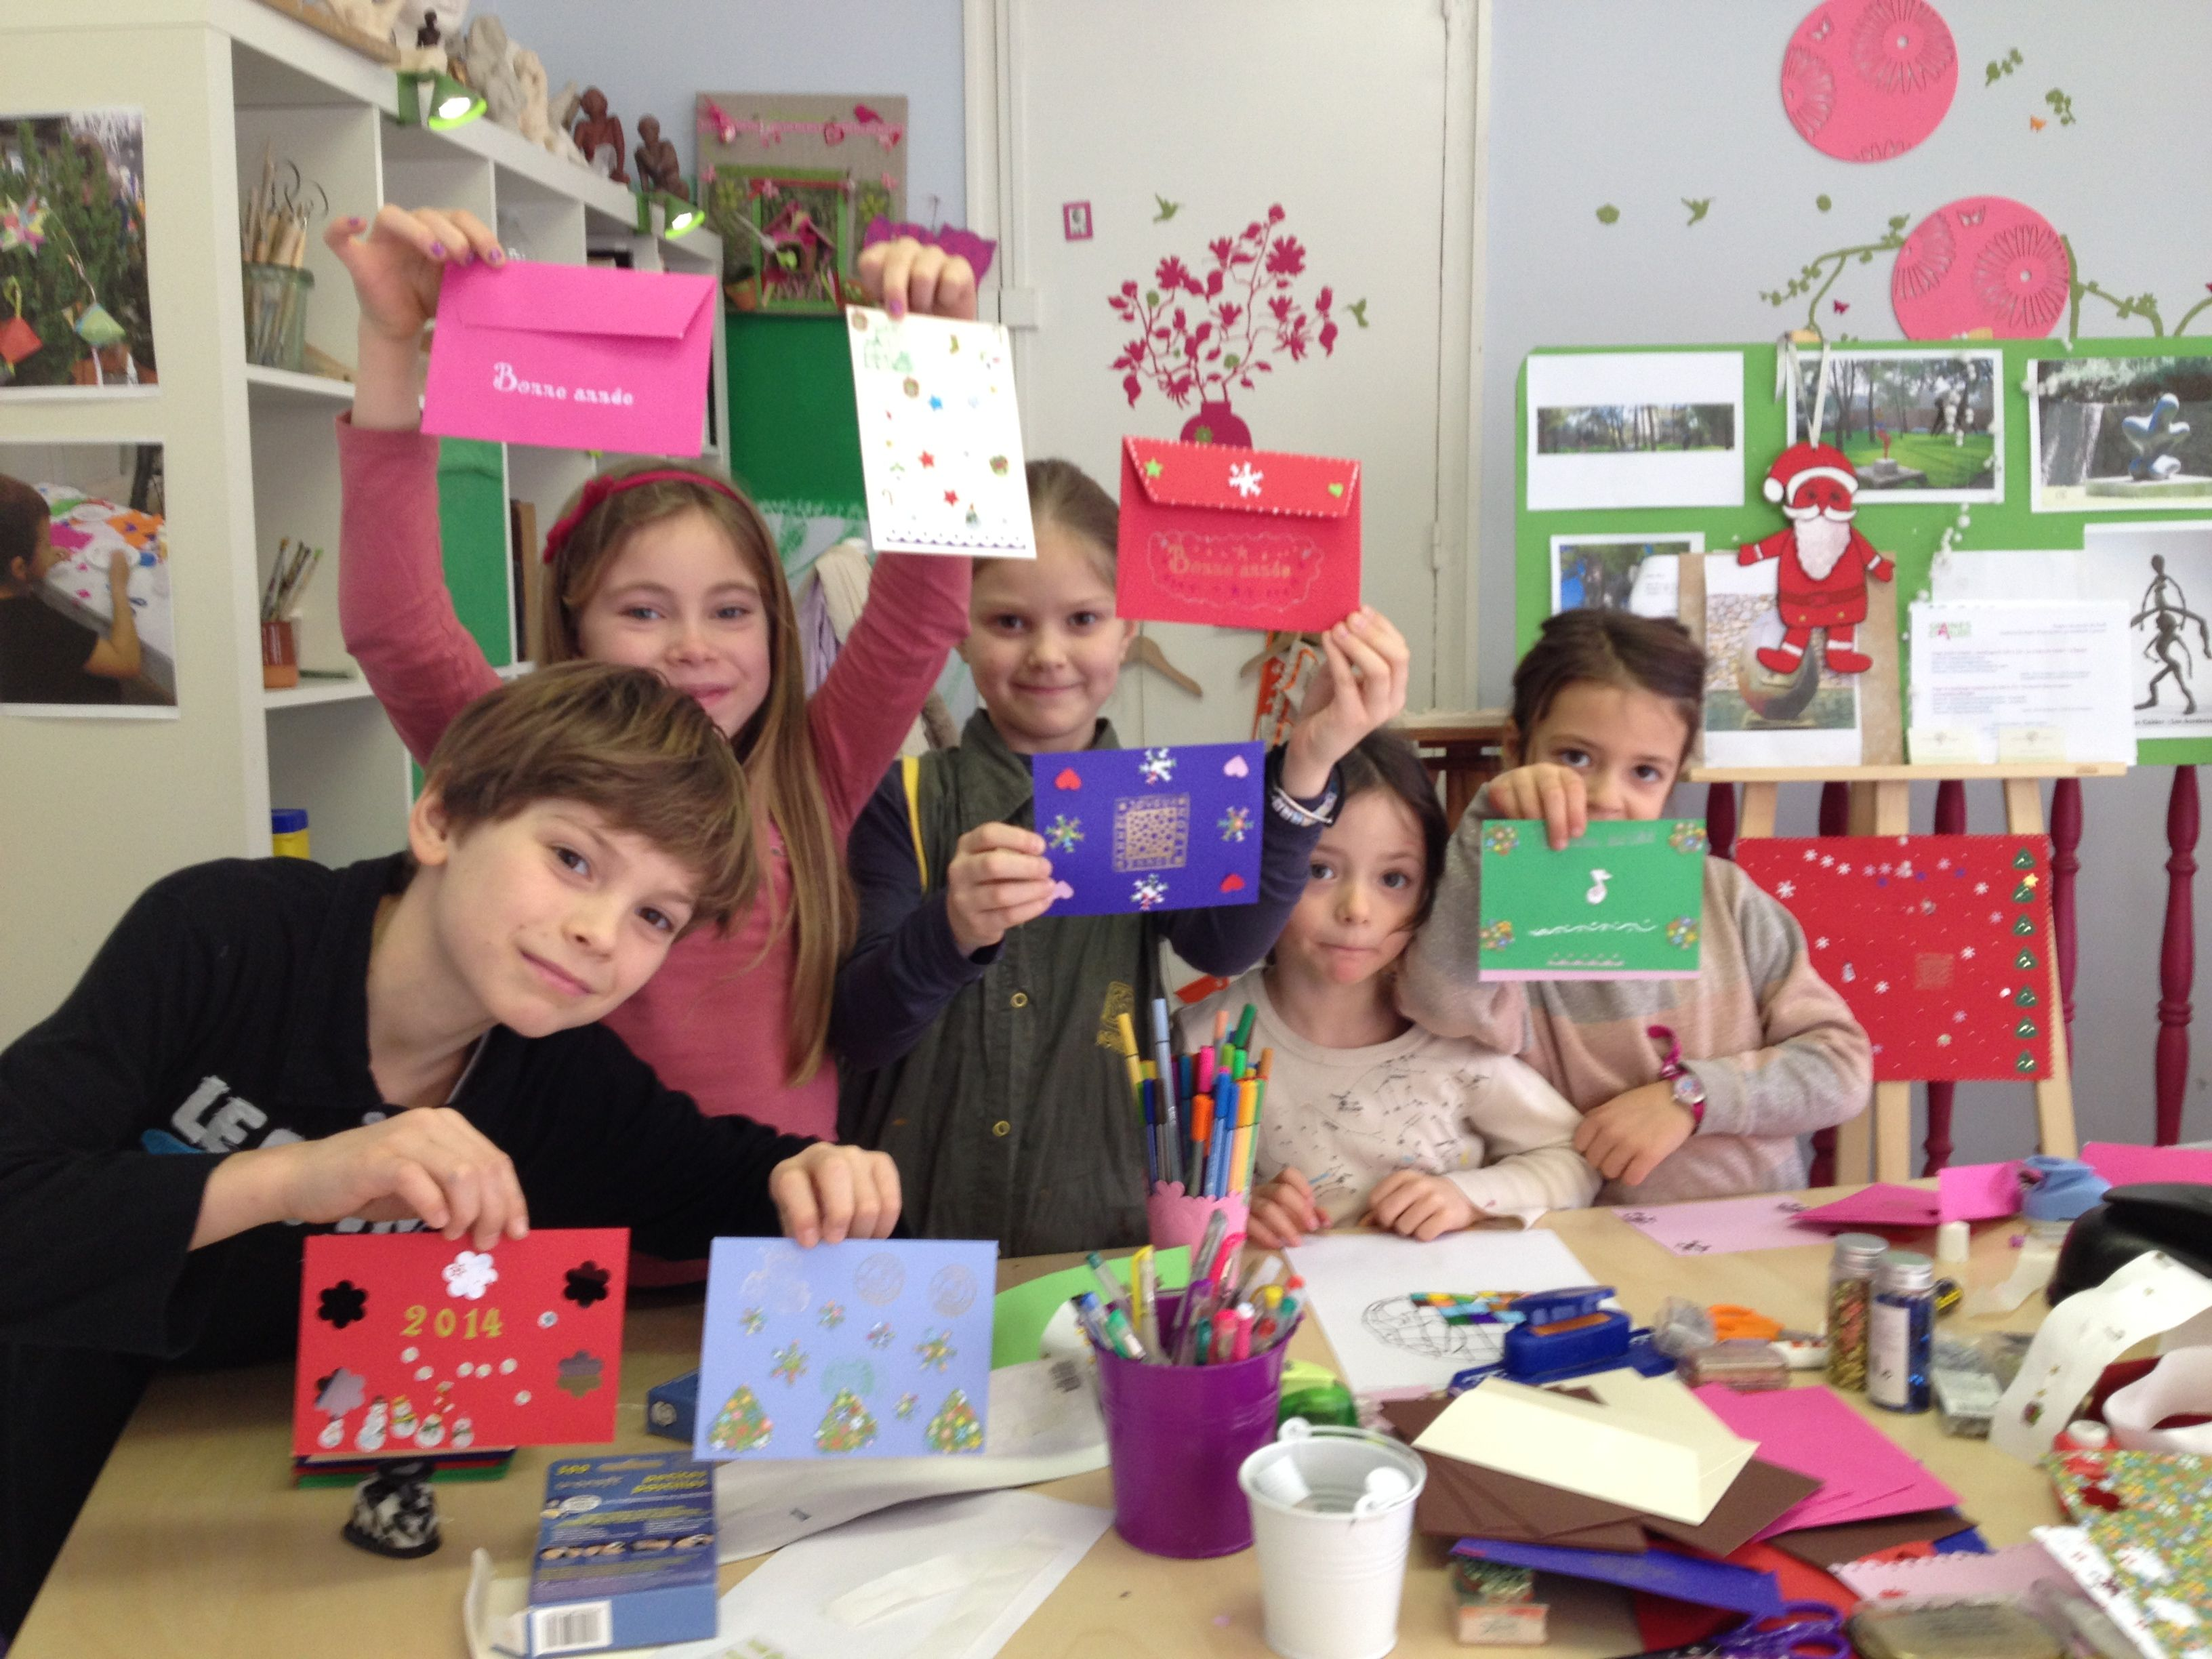 atelier DIY cartes de voeux